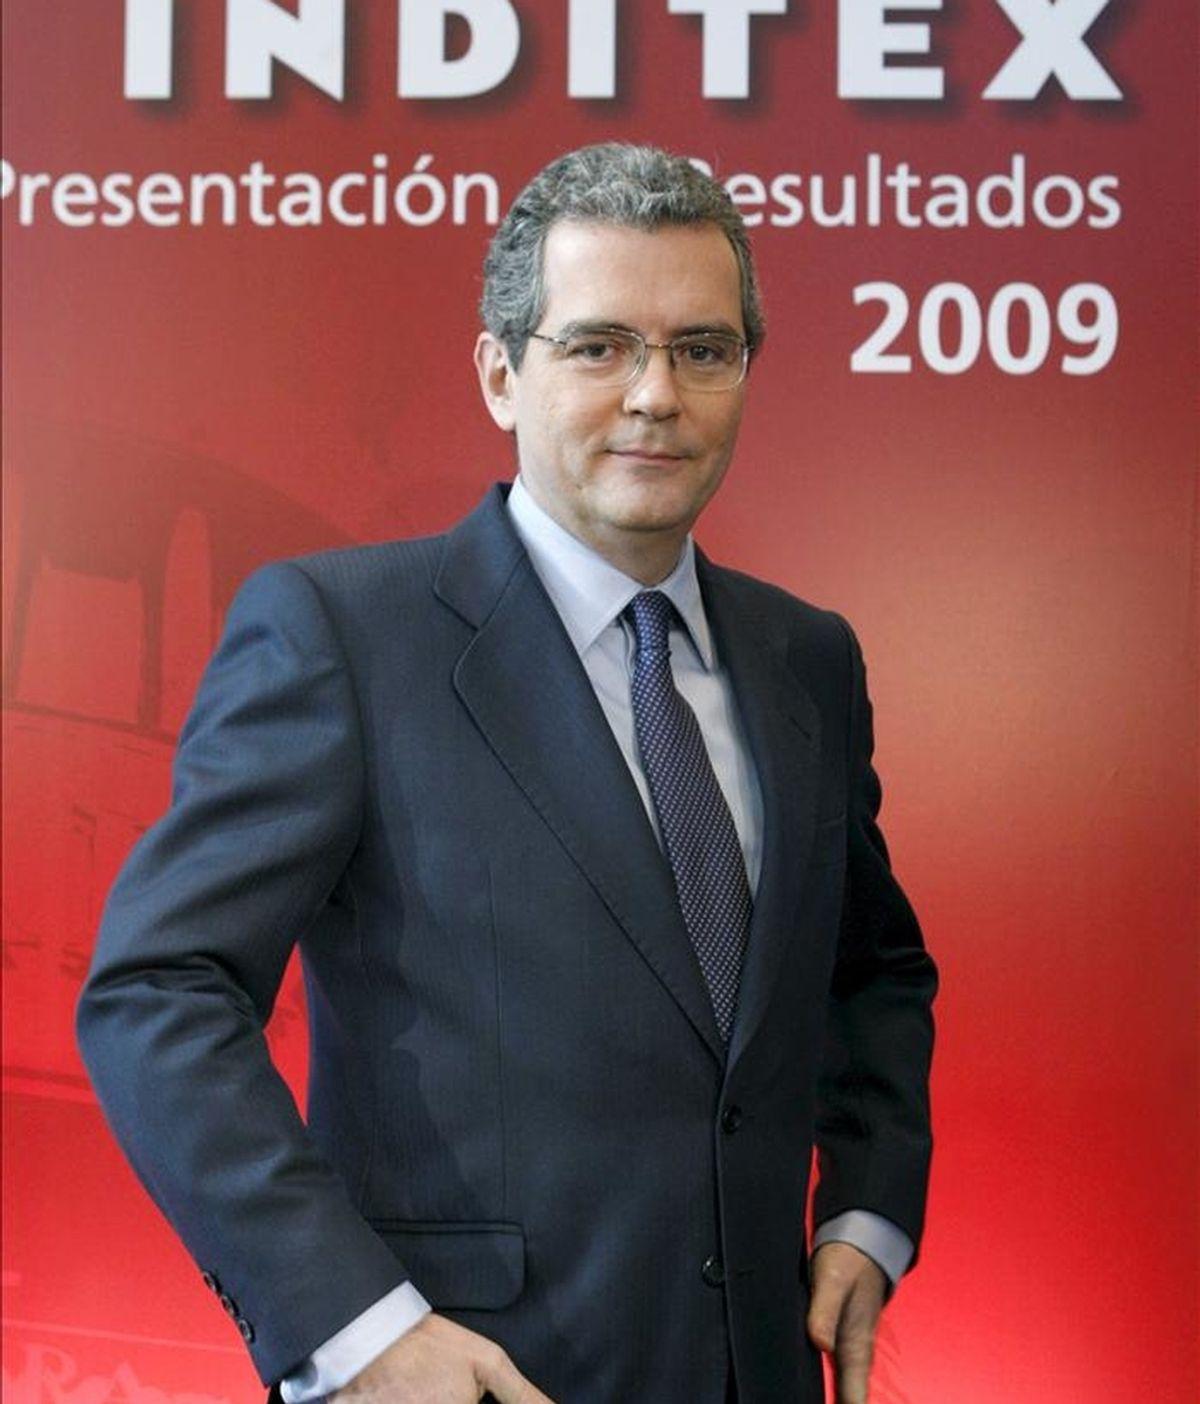 Imagen de archivo (Madrid, 17/03/2010) del actual vicepresidente y consejero delegado de Inditex, Pablo Isla, de quien el presidente y fundador de la empresa, Amancio Ortega, propondrá en la próxima junta de accionistas, que se celebrará en julio, su nombramiento como su sucesor en la presidencia de la empresa. EFE